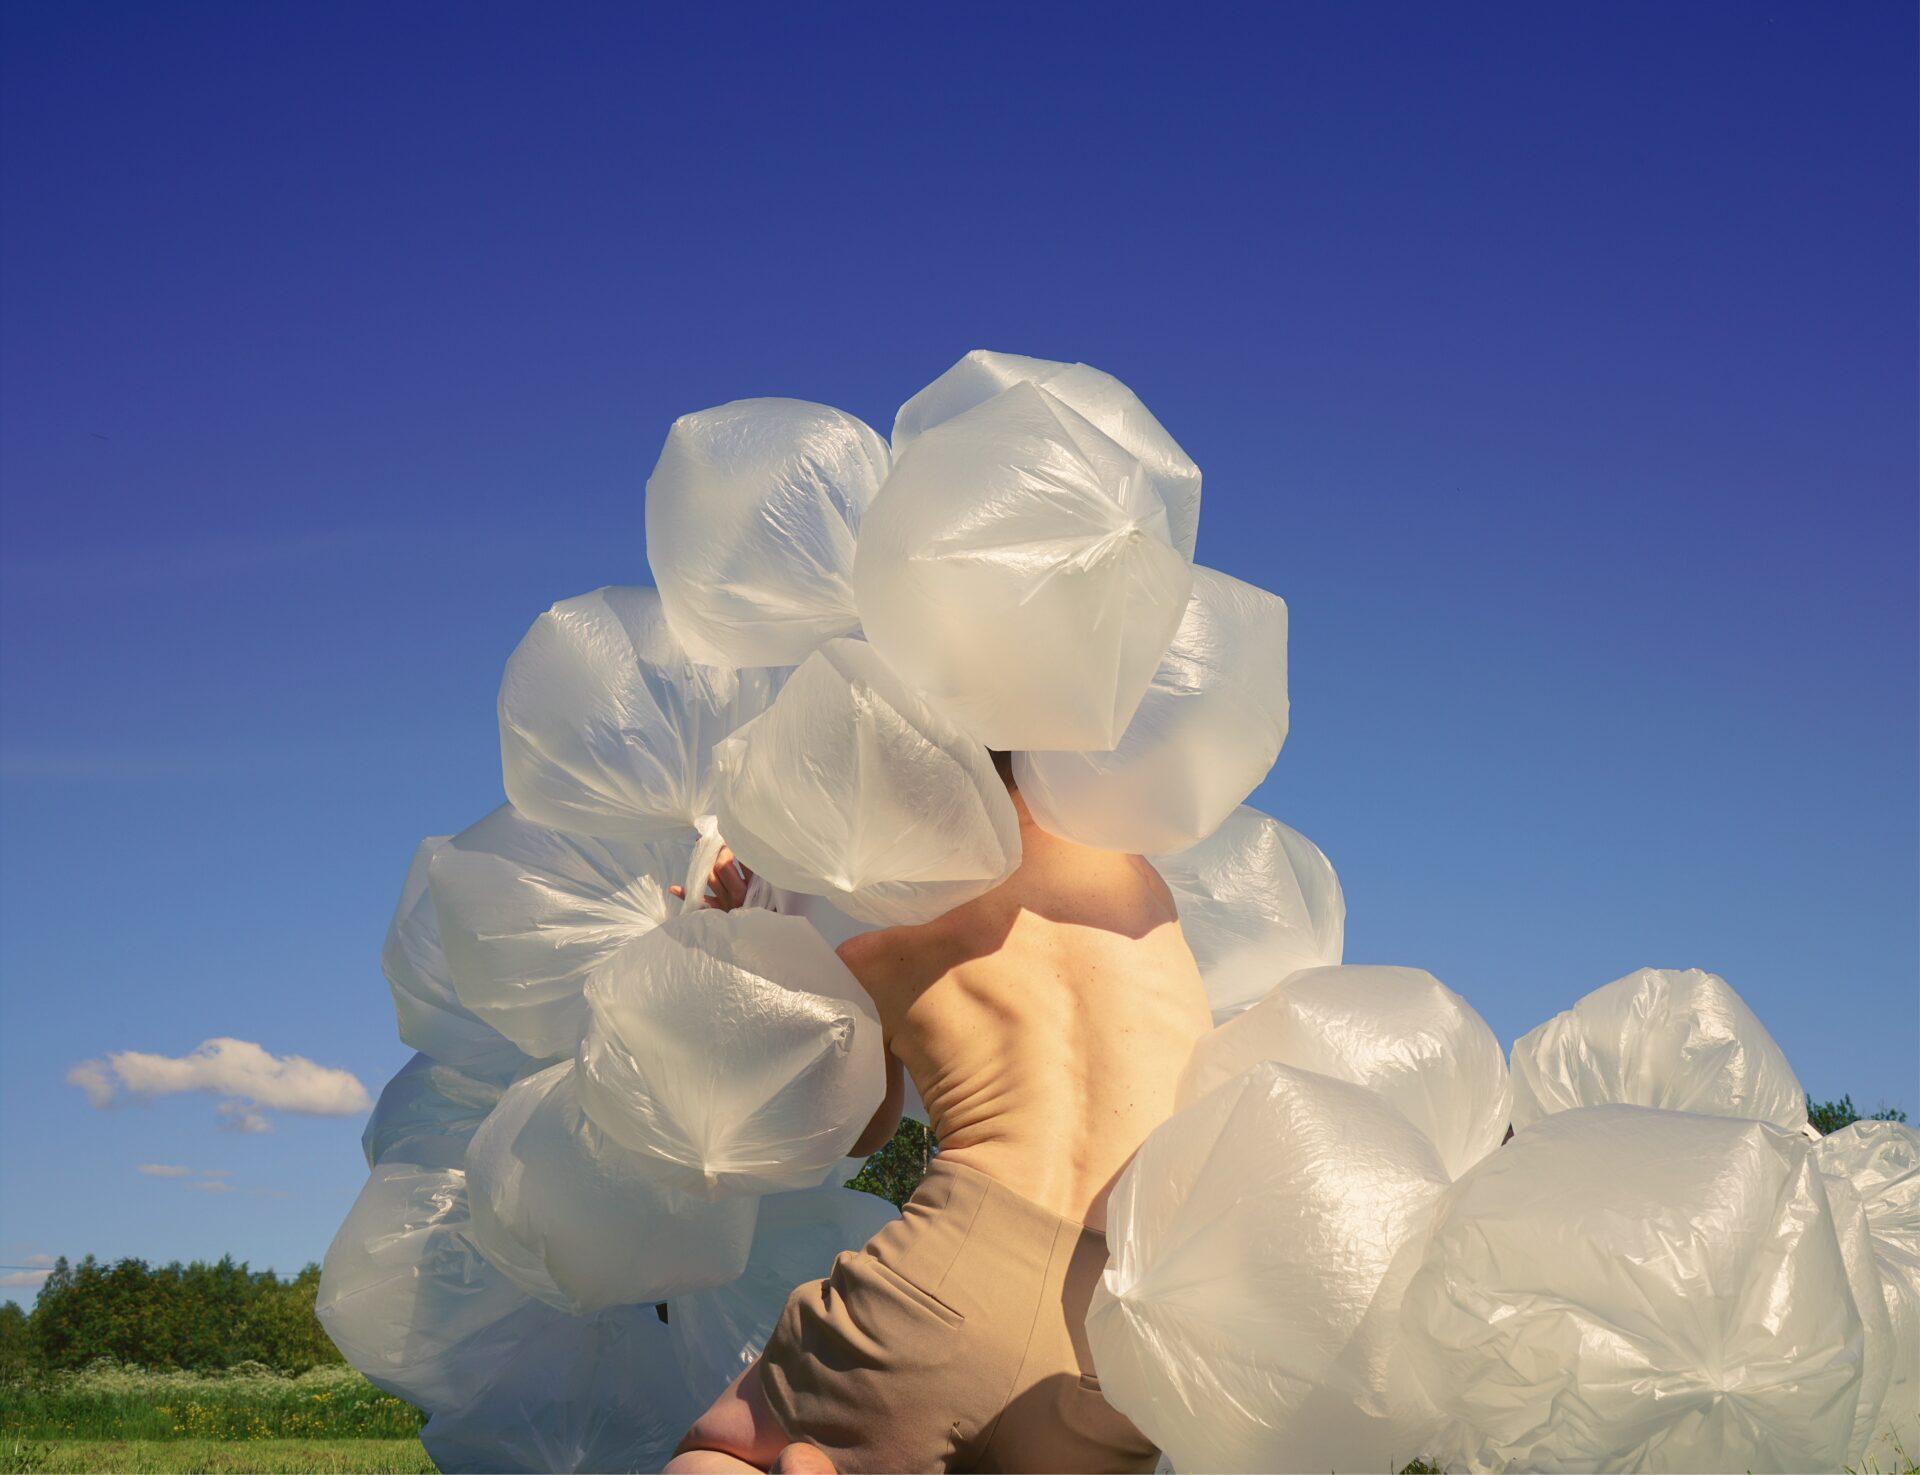 Istuvan henkilön paljasta selkää ympäröi ilmalla täytetyt muovipussit. Taustalla näkyy sininen taivas, vihreä nurmikko ja kuusimetsä.